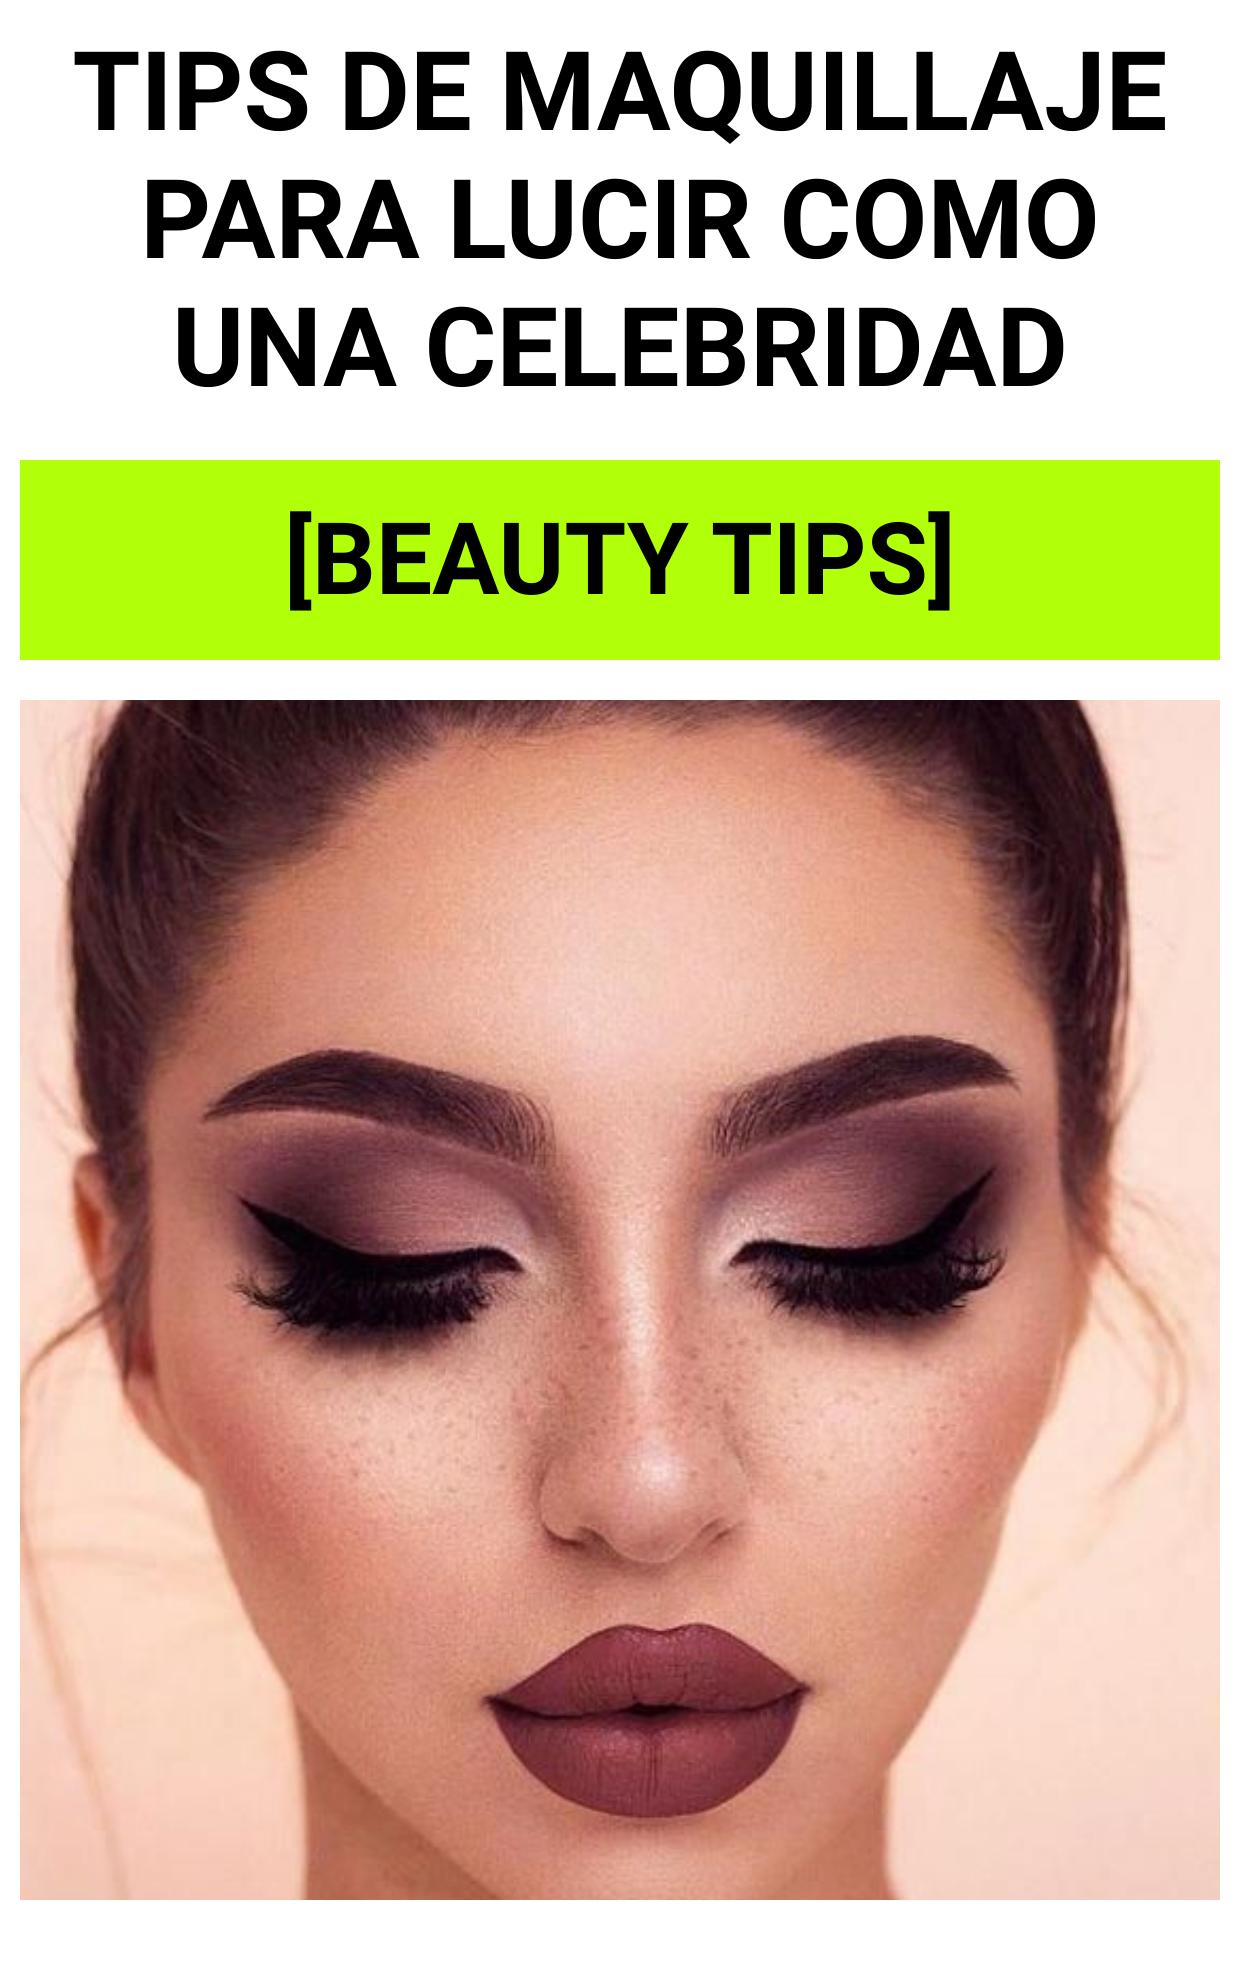 Tips de maquillaje para lucir como una celebridad